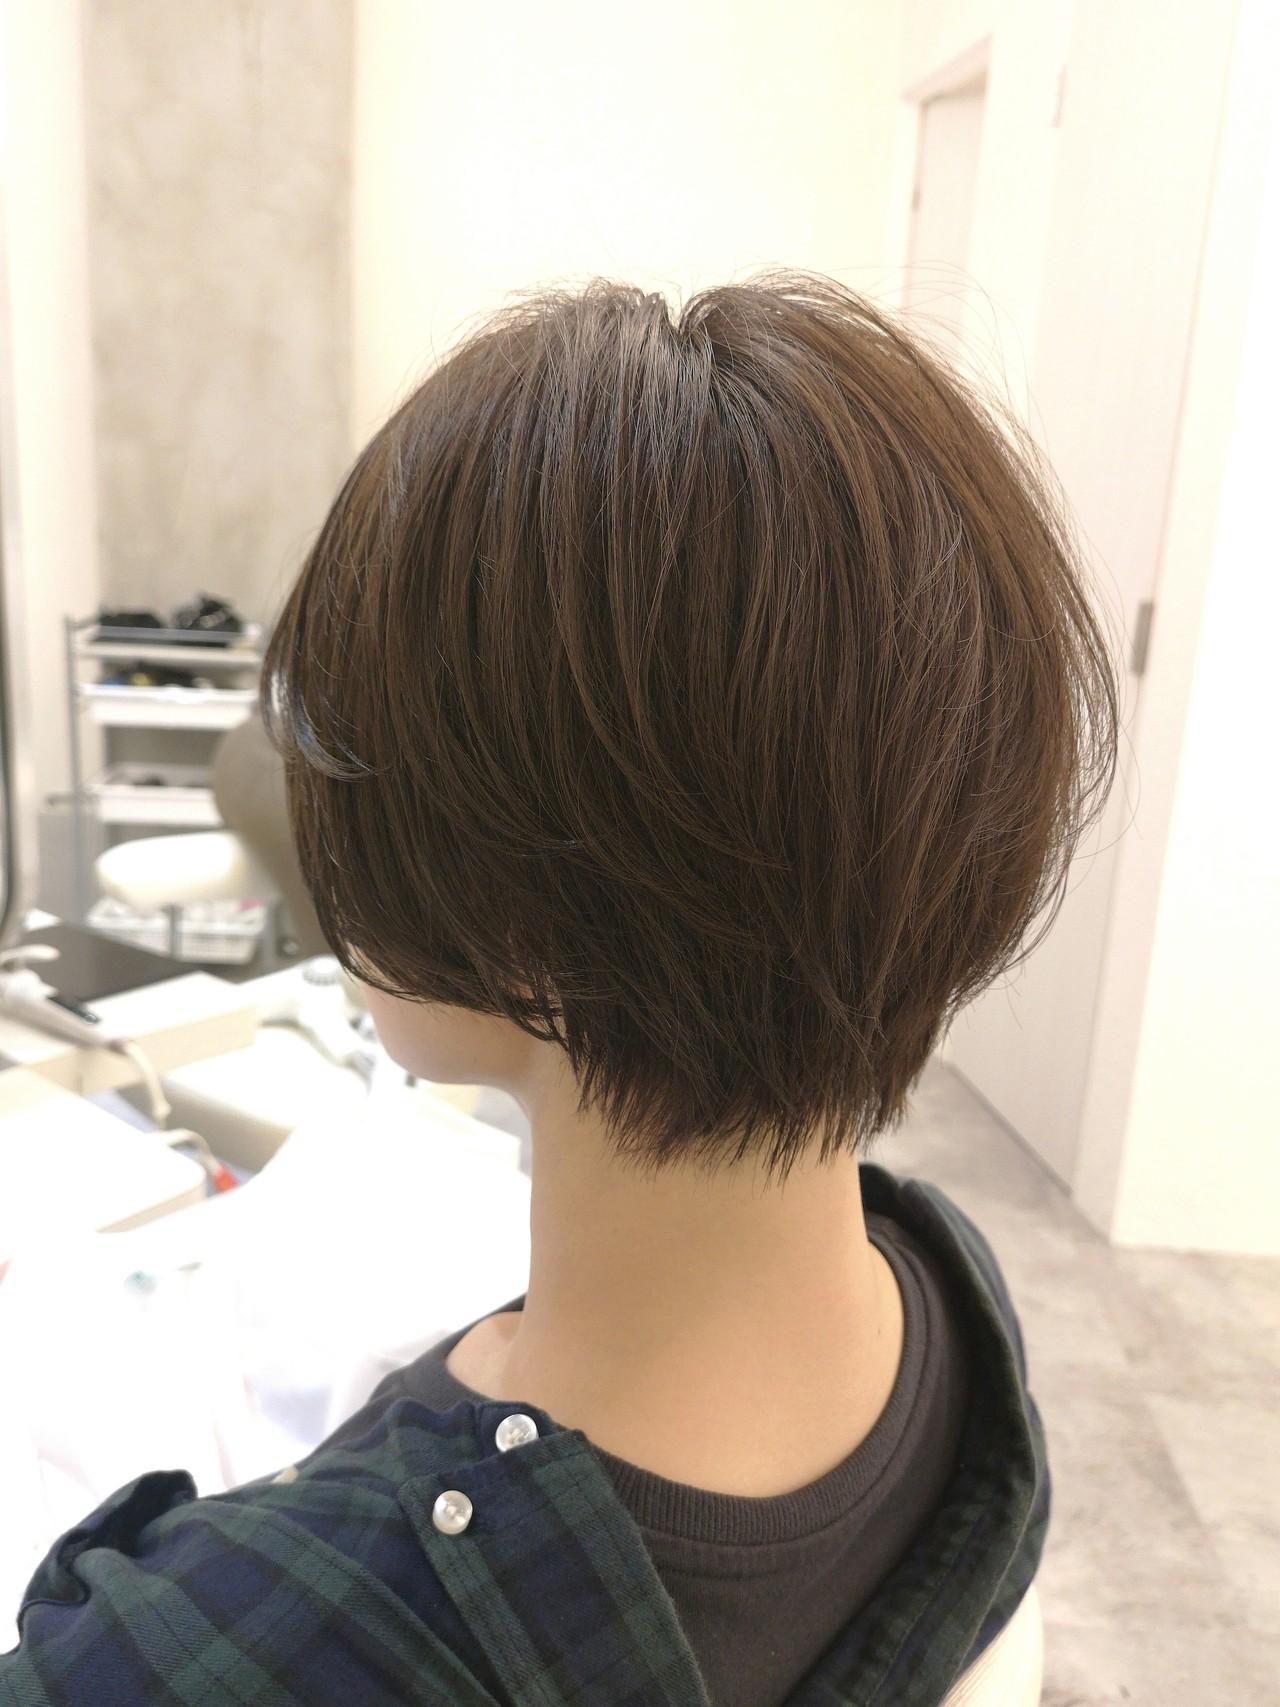 ショート グレージュ ハンサムショート ナチュラル ヘアスタイルや髪型の写真・画像